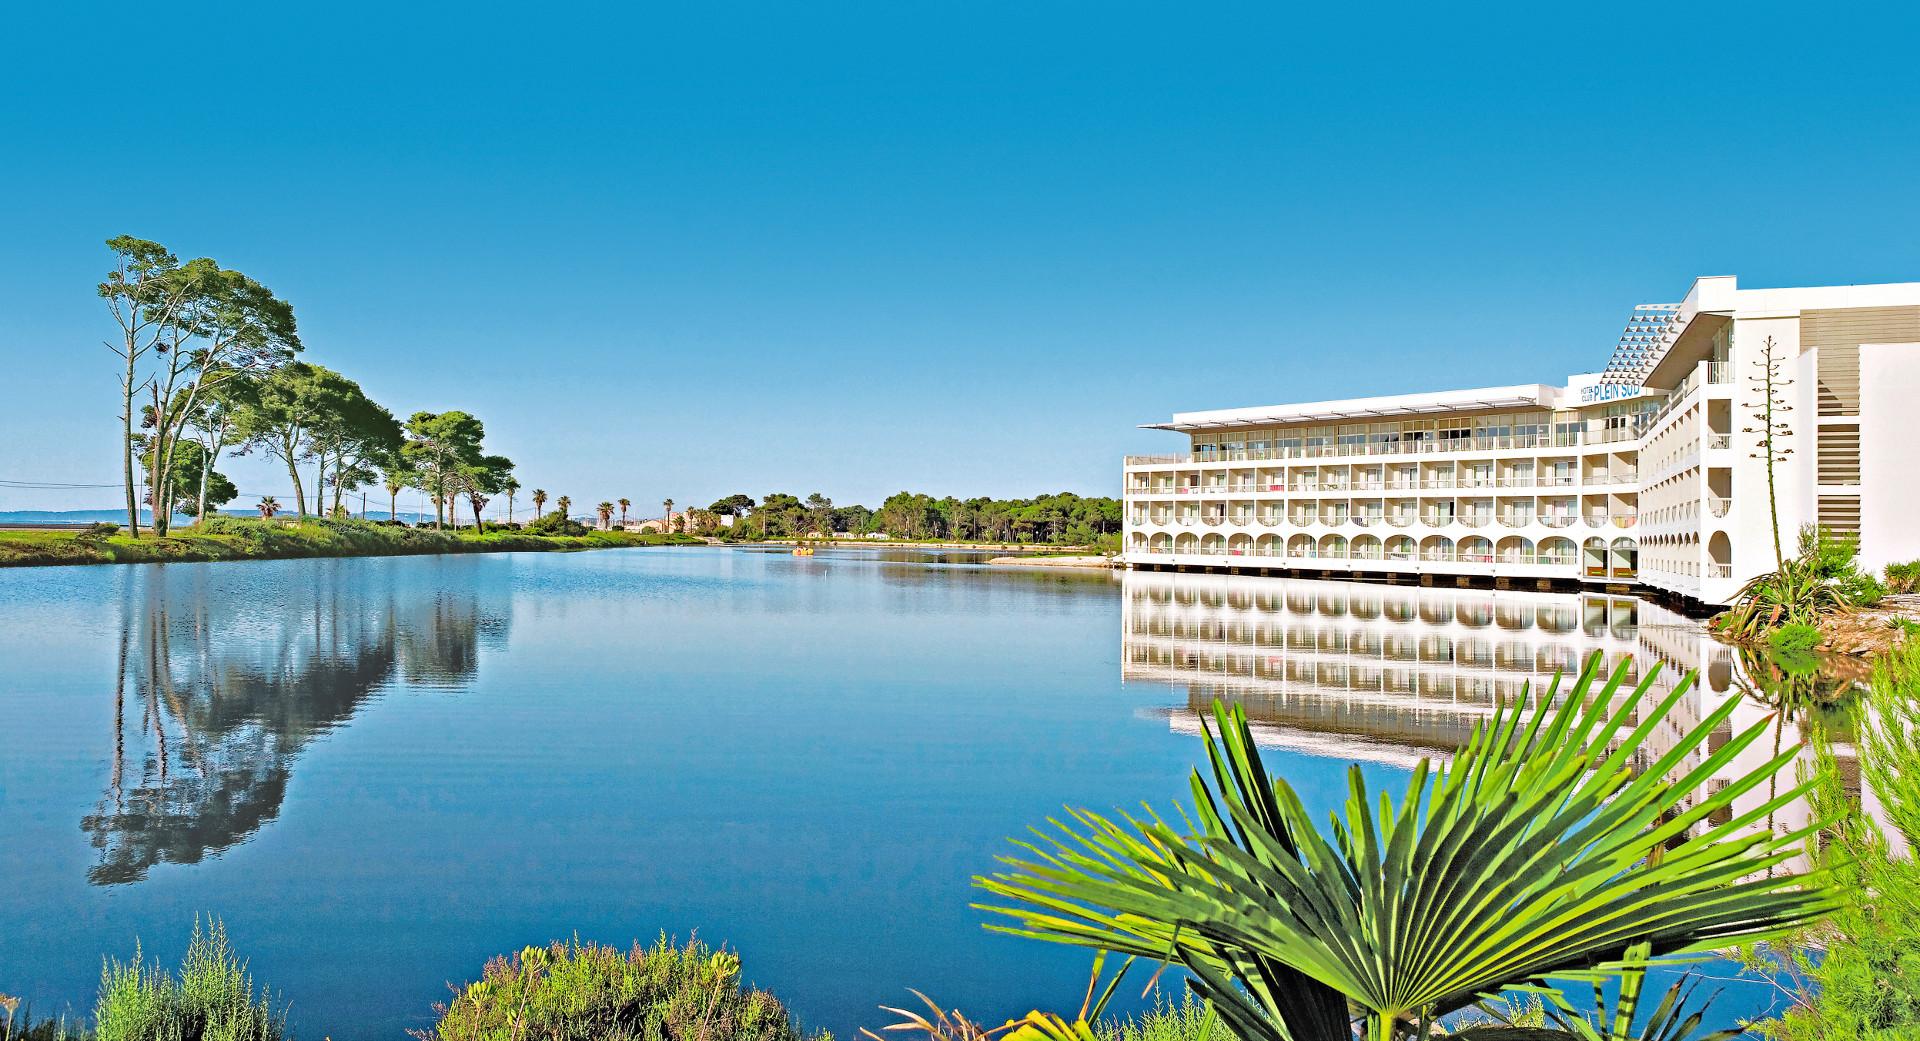 Hôtel et club vacances bleues - le plein sud à Hyeres